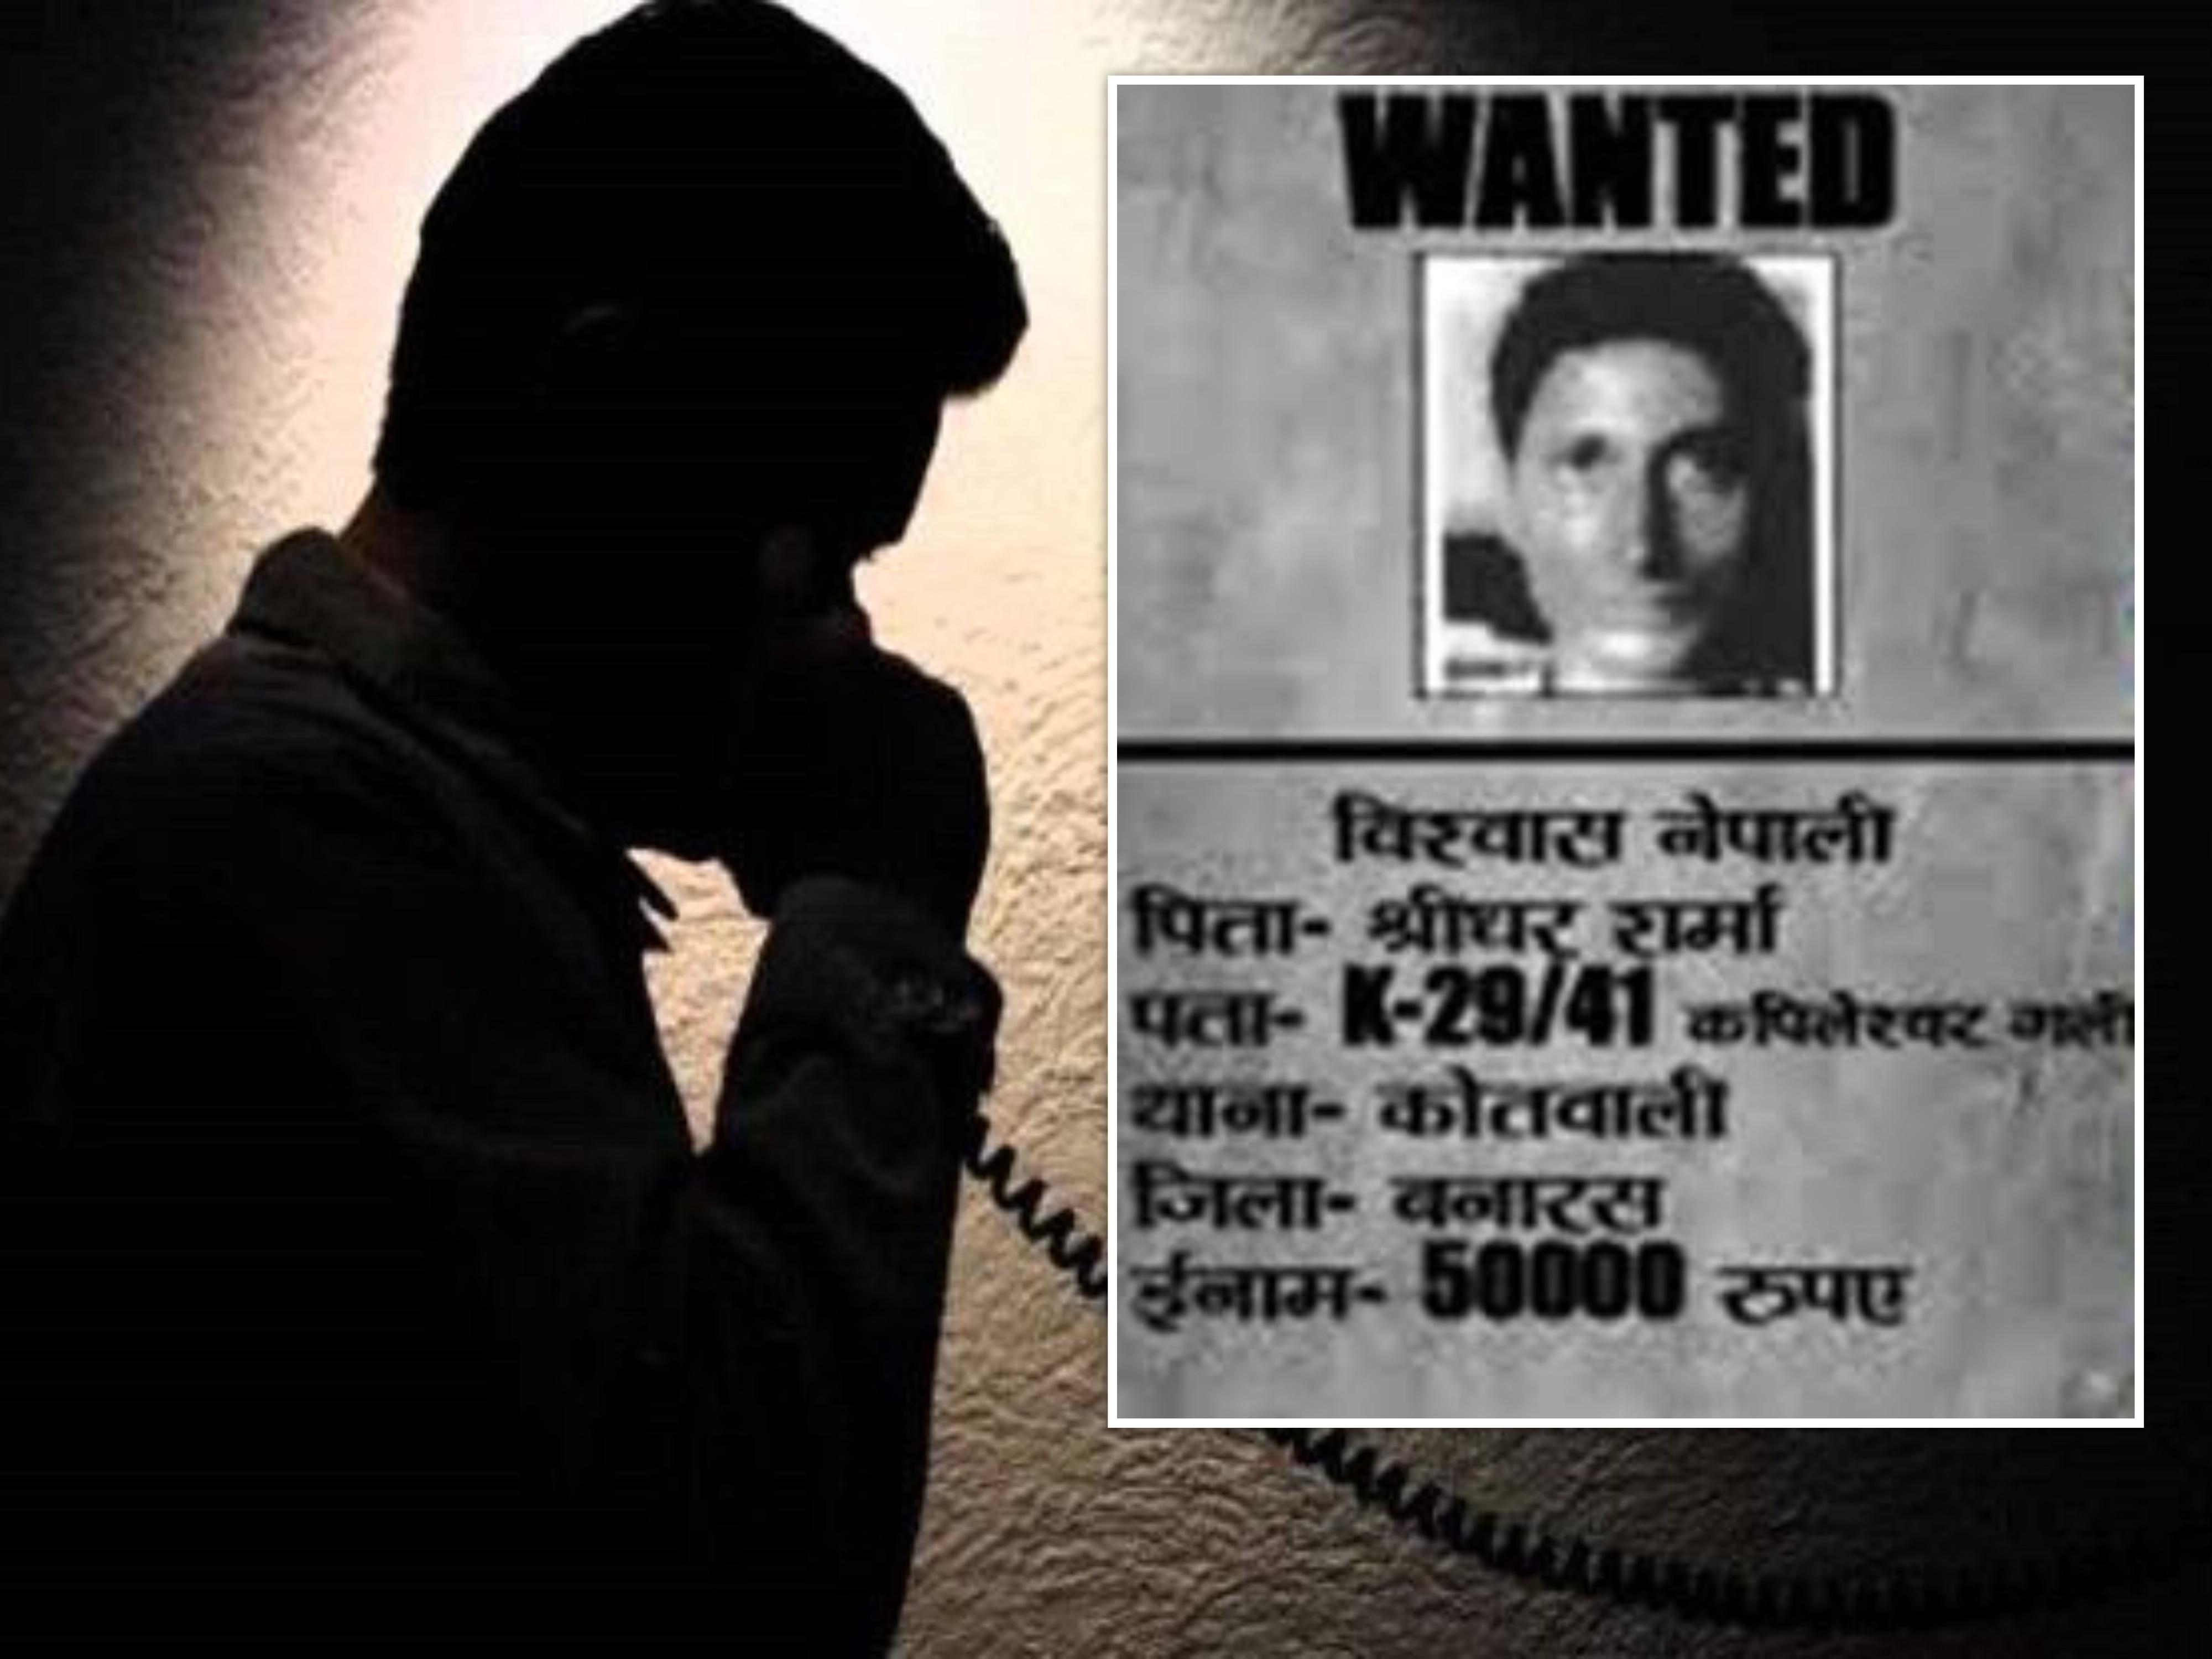 50 हजार के इनामी बदमाश ने ट्रांसपोर्टर से मांगी 50 लाख की रंगदारी, ऑफिस में धमकाया फिर किया फोन; 13 साल से है फरार|वाराणसी,Varanasi - Dainik Bhaskar